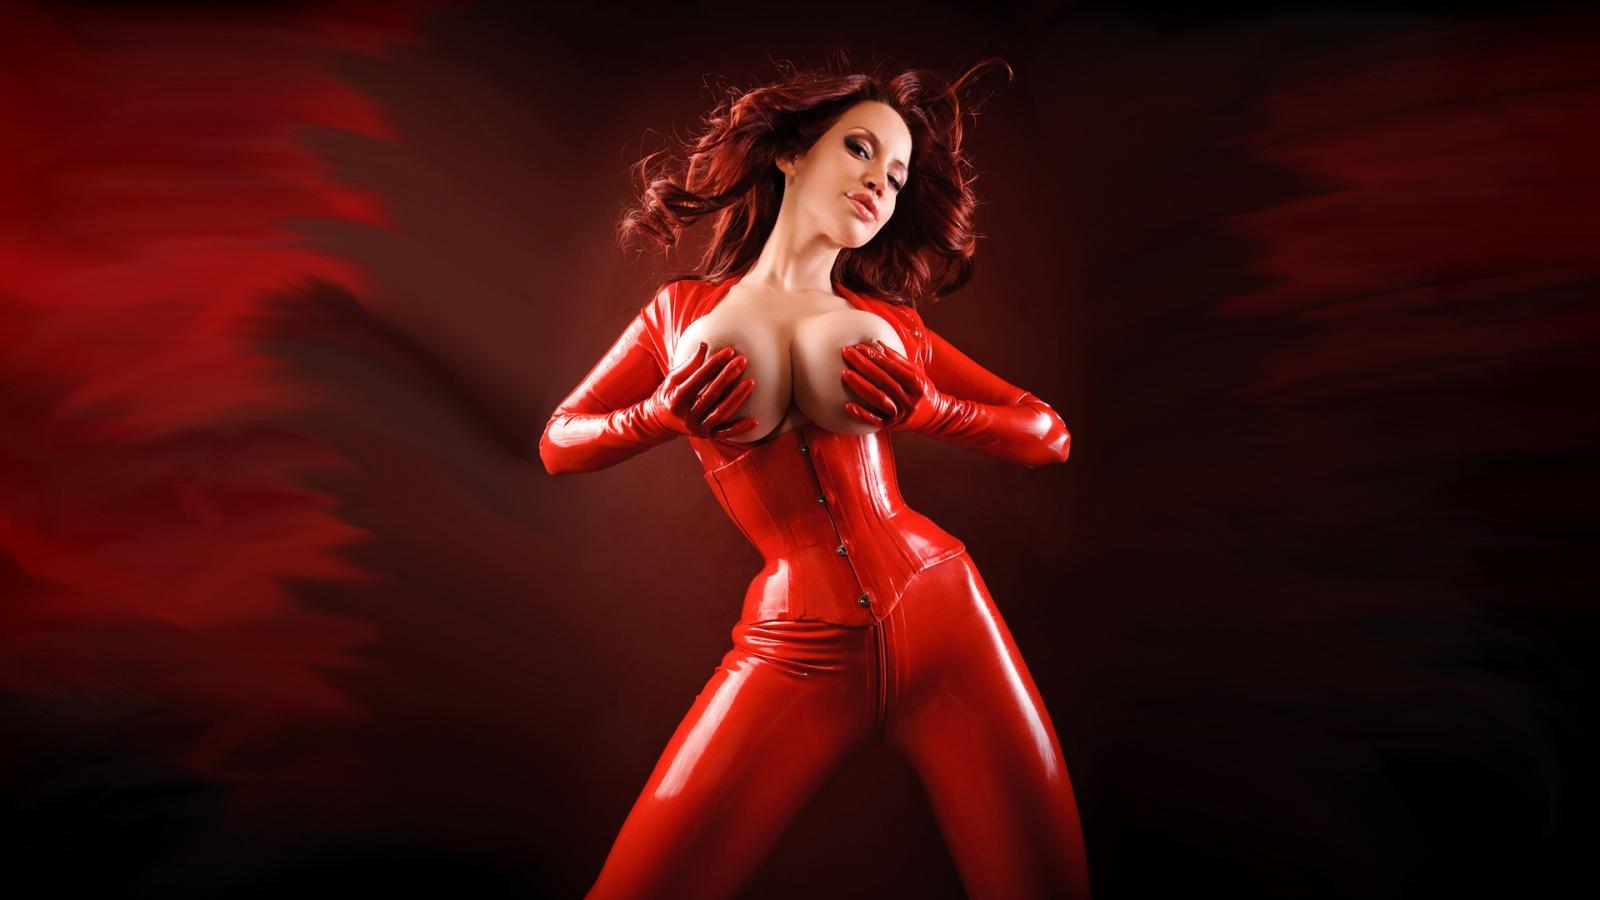 Hot! love big boobs desktop wallpaper